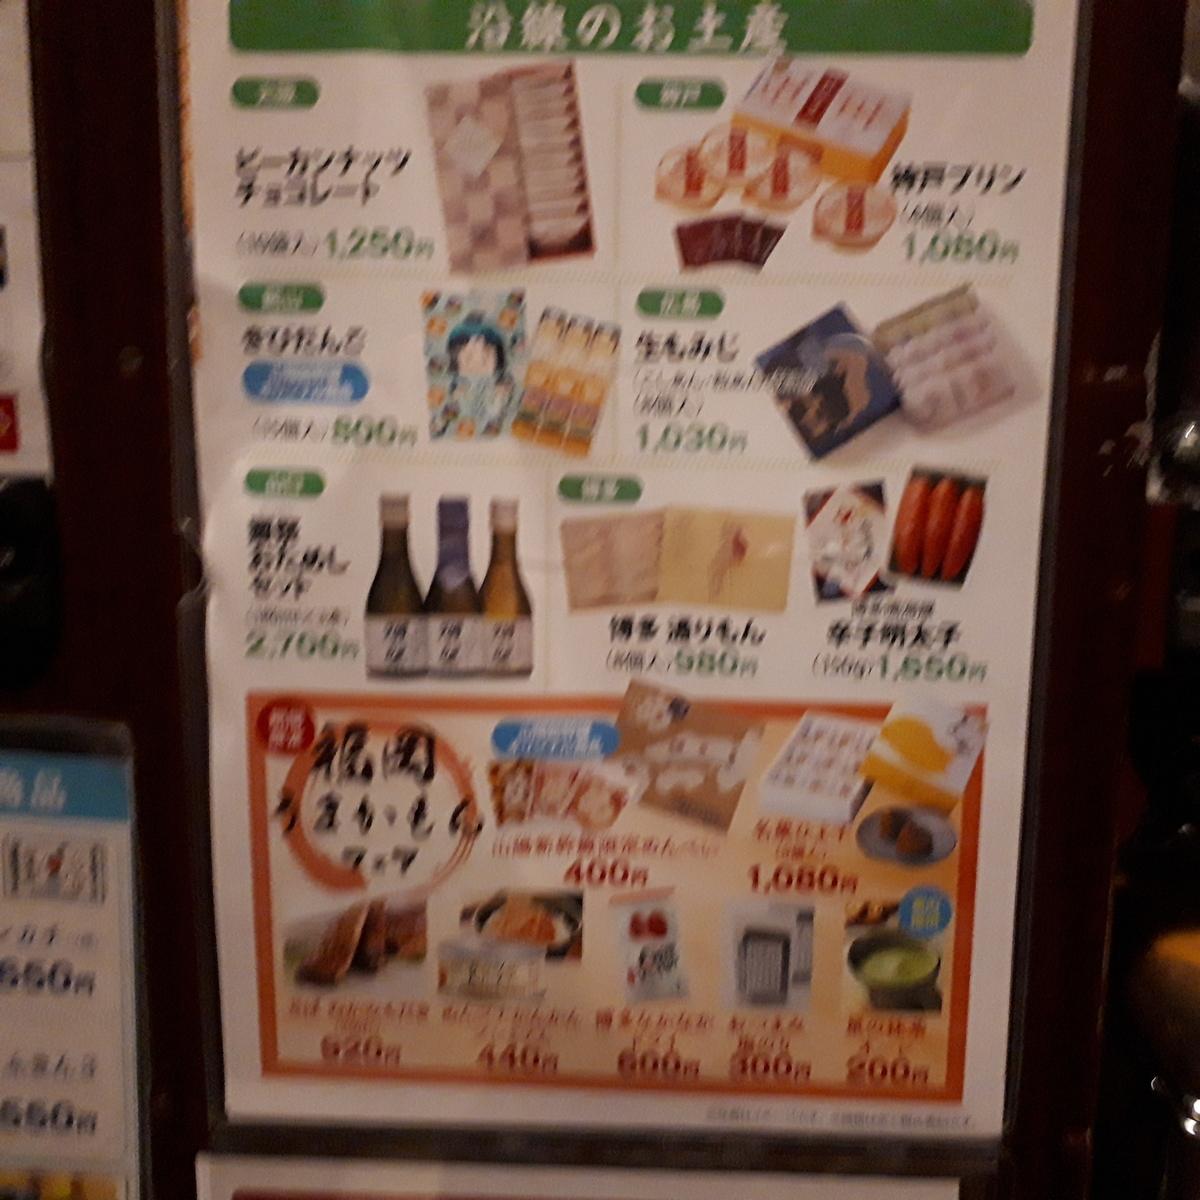 新幹線N700系 みずほ さくら 車内販売 メニュー